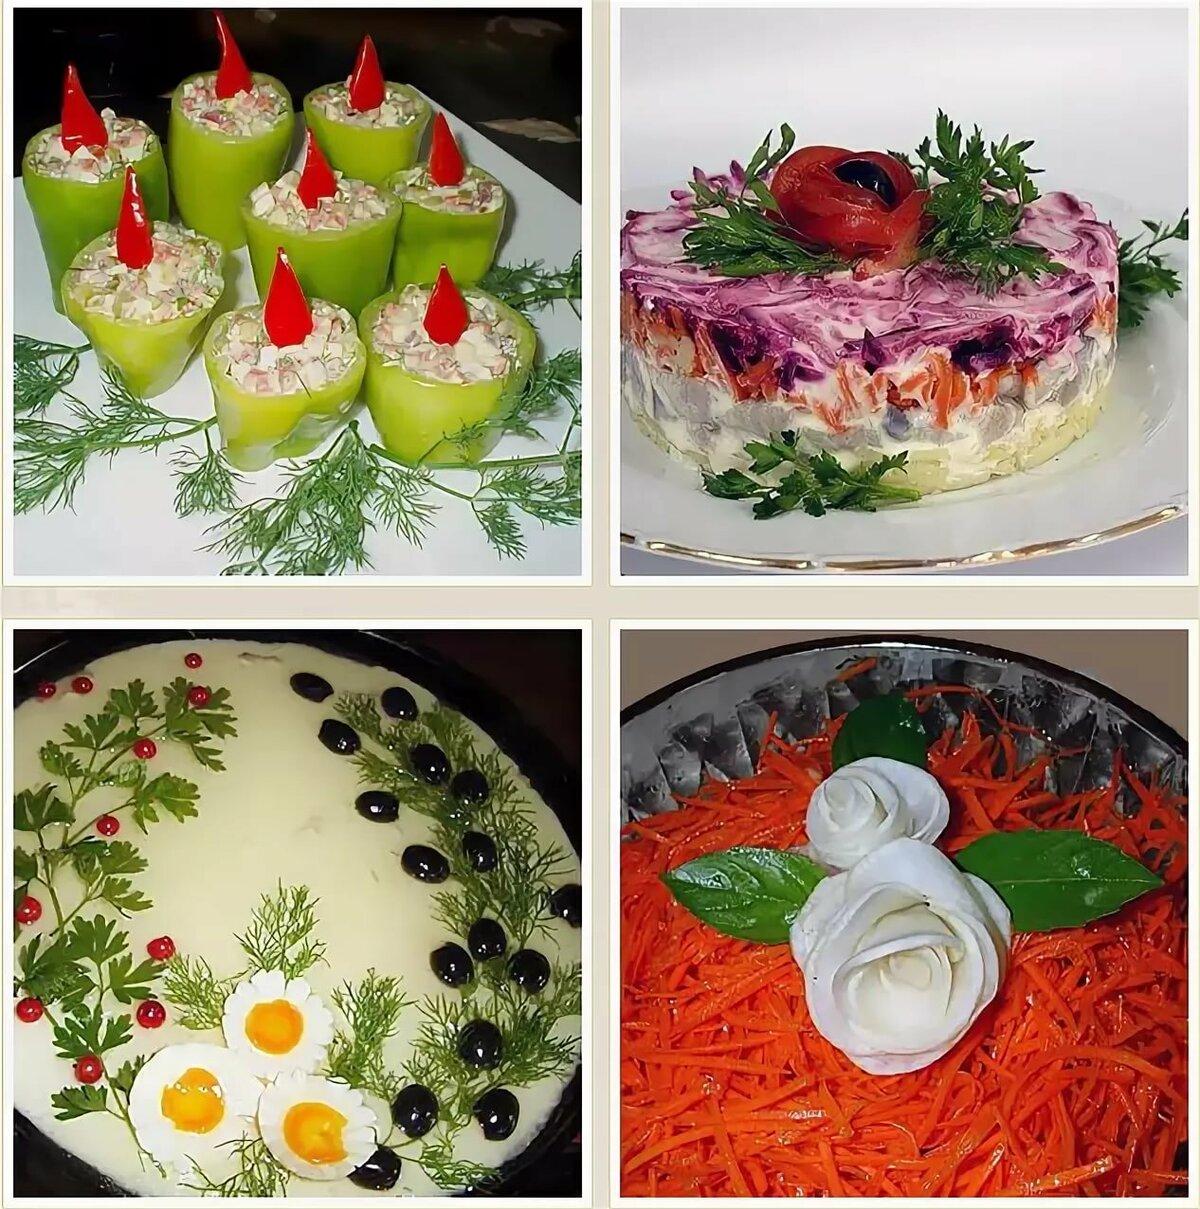 как украсить салаты своими руками фото пошагово весьма